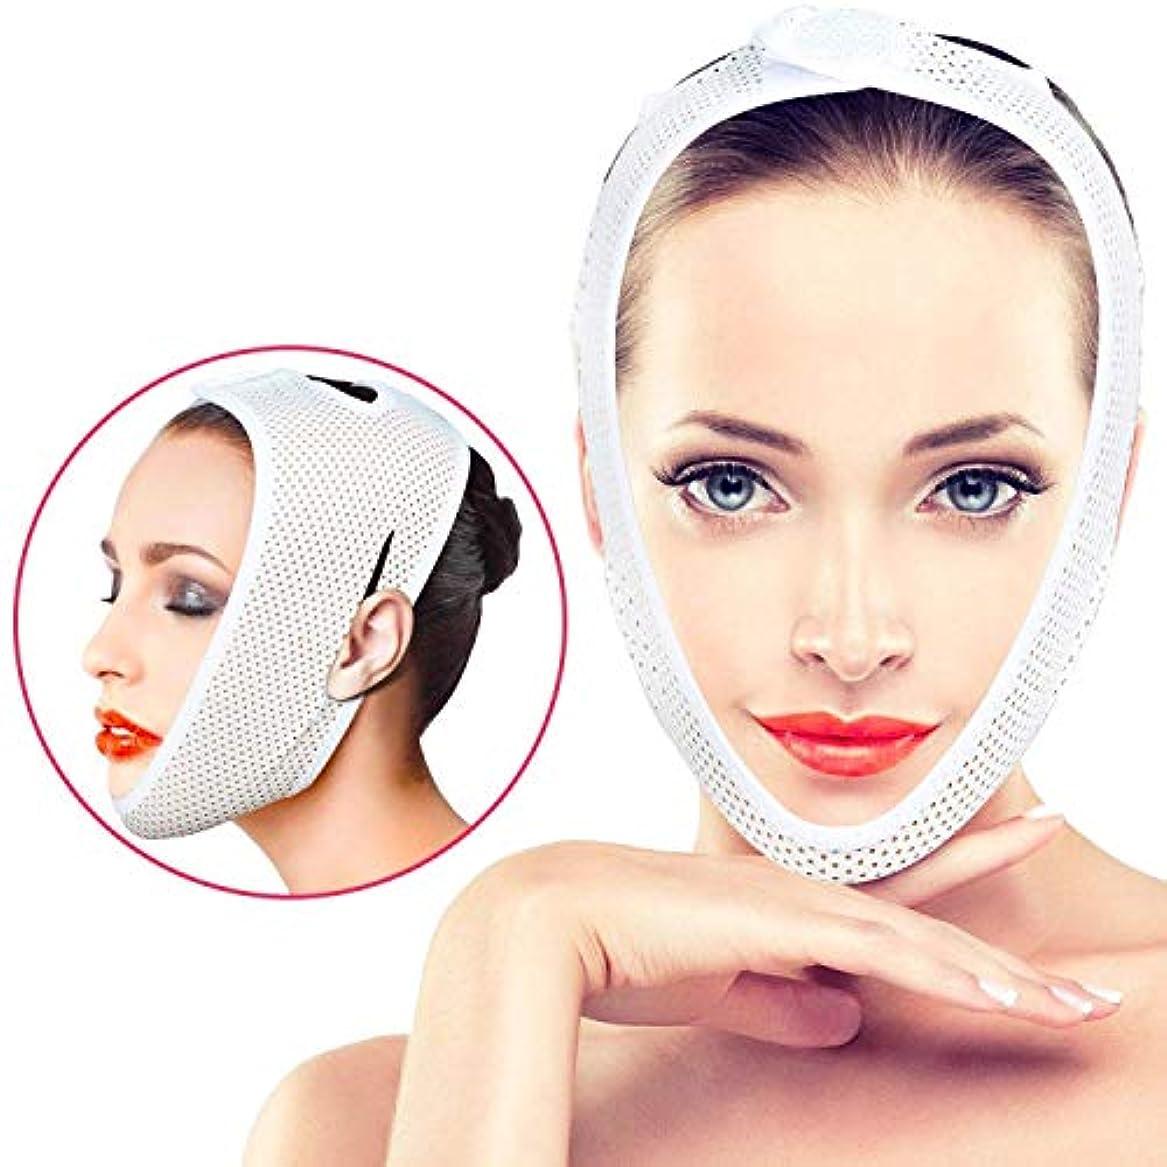 信念花束市場WSJTT パッチ通気チンケアを締め付け女性のための顔のリフティングベルト、Vラインチンチークリフトアップバンドアンチリンクル包帯、スリミング包帯二重あごケア減量Vフェイスベルト補正ベルト